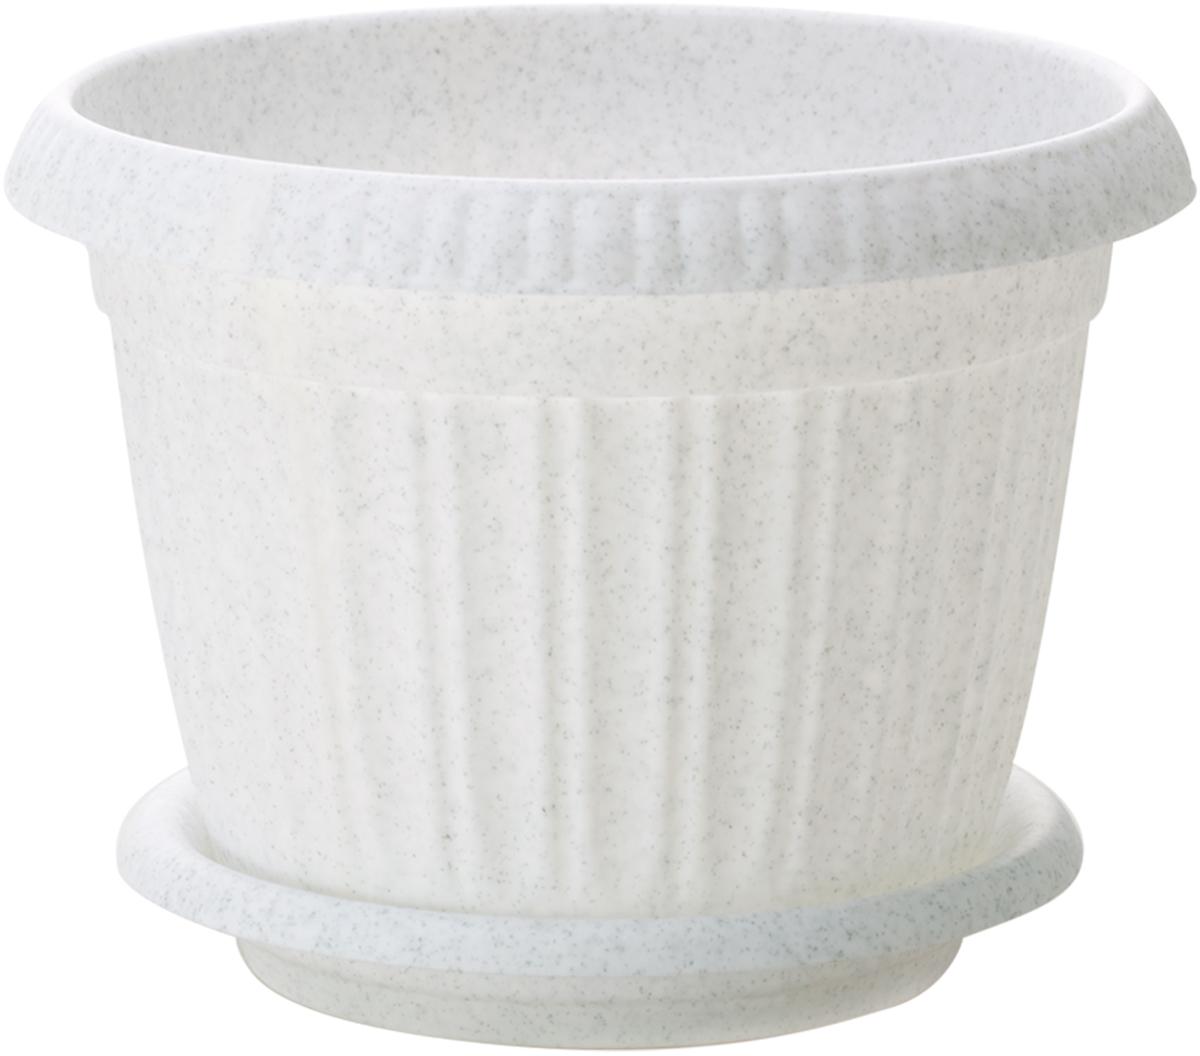 Горшок для цветов InGreen Таити, с подставкой, цвет: мраморный, диаметр 28 смING41028FМРГоршок InGreen Таити, выполненный из высококачественного полипропилена (пластика), предназначен для выращивания комнатных цветов, растений и трав. Специальная конструкция обеспечивает вентиляцию в корневой системе растения, а дренажные отверстия позволяют выходить лишней влаге из почвы. Такой горшок порадует вас современным дизайном и функциональностью, а также оригинально украсит интерьер любого помещения. Диаметр горшка (по верхнему краю): 28 см. Высота горшка: 21,5 см.